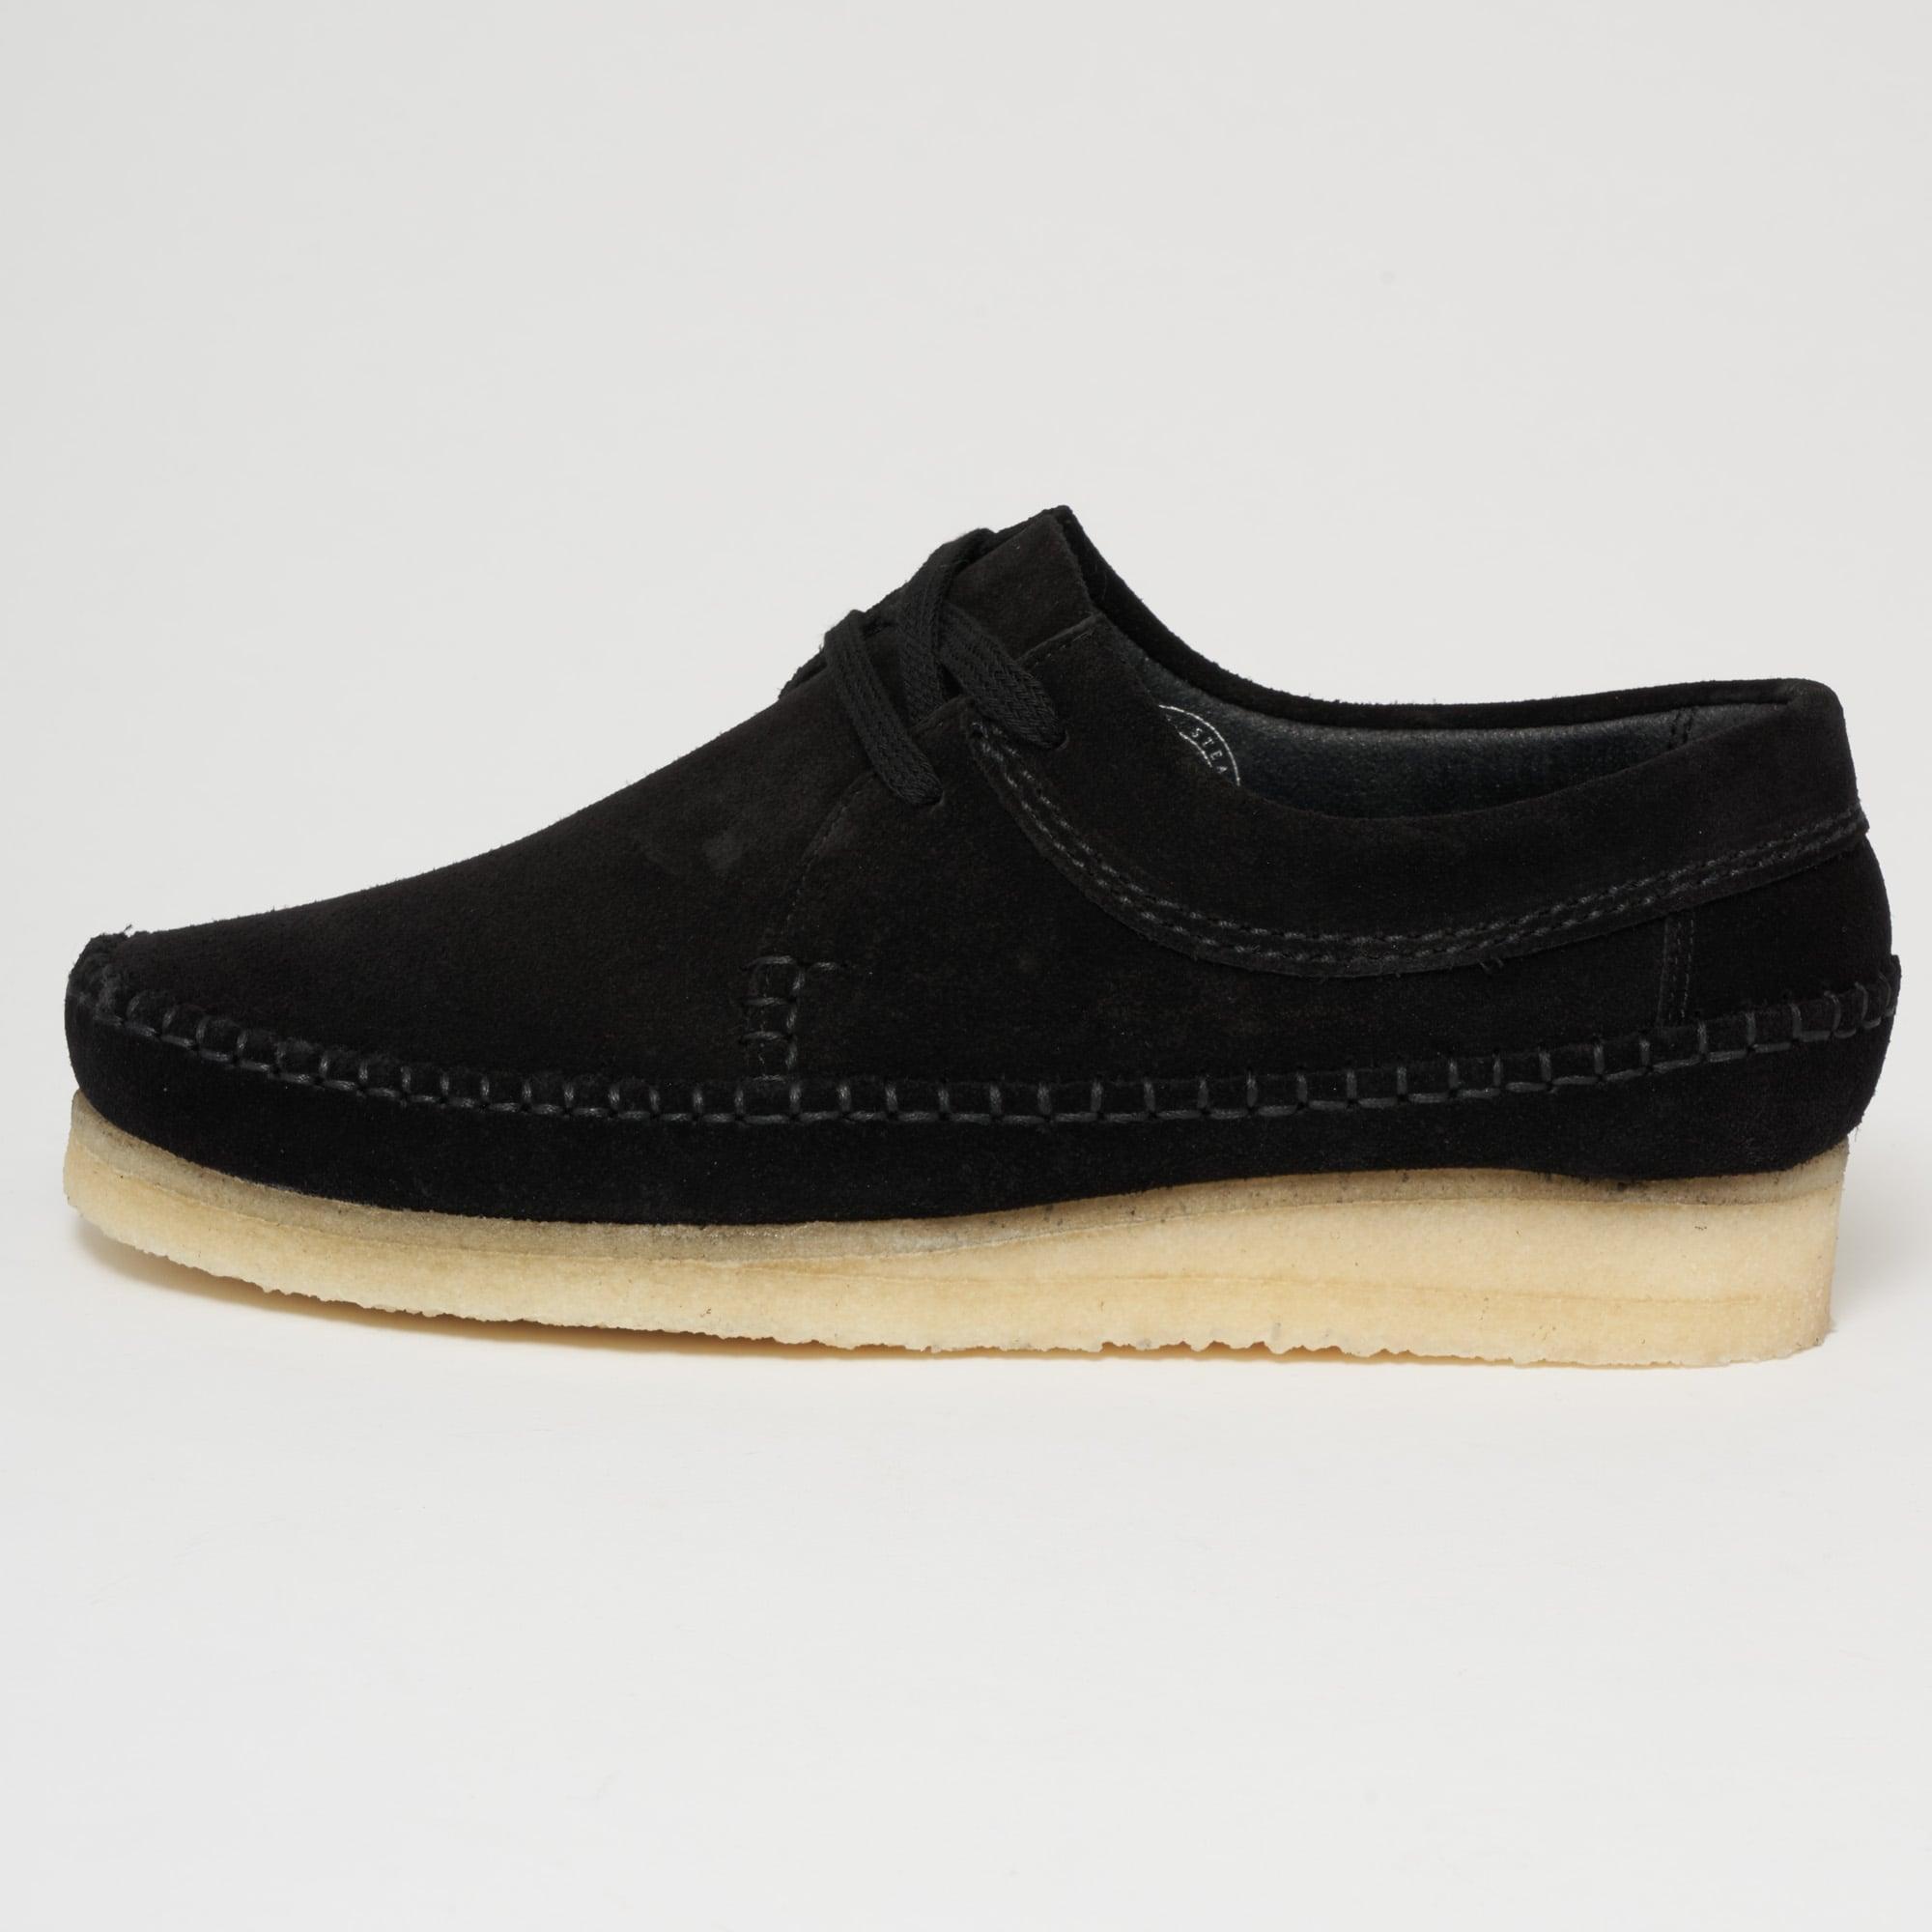 Dark Ochre Yellow Suede Weaver Shoe Clarks Originals